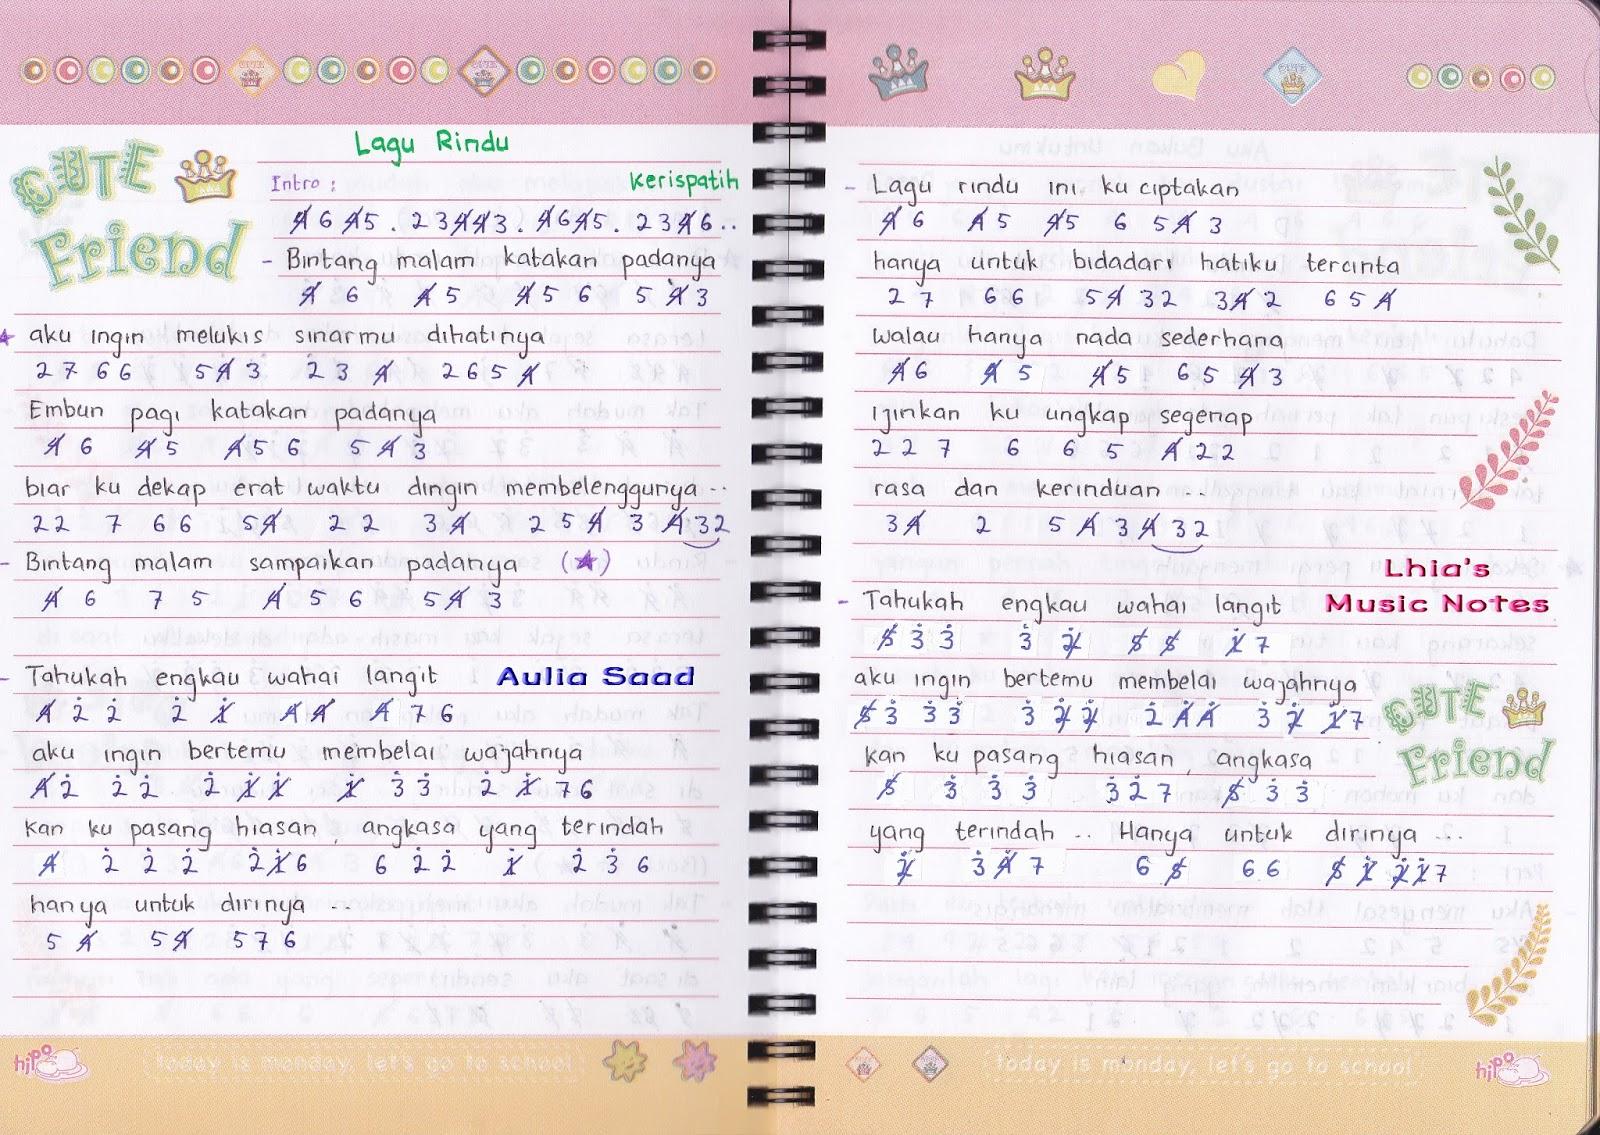 Lirik Lagu Kerispatih Lengkap